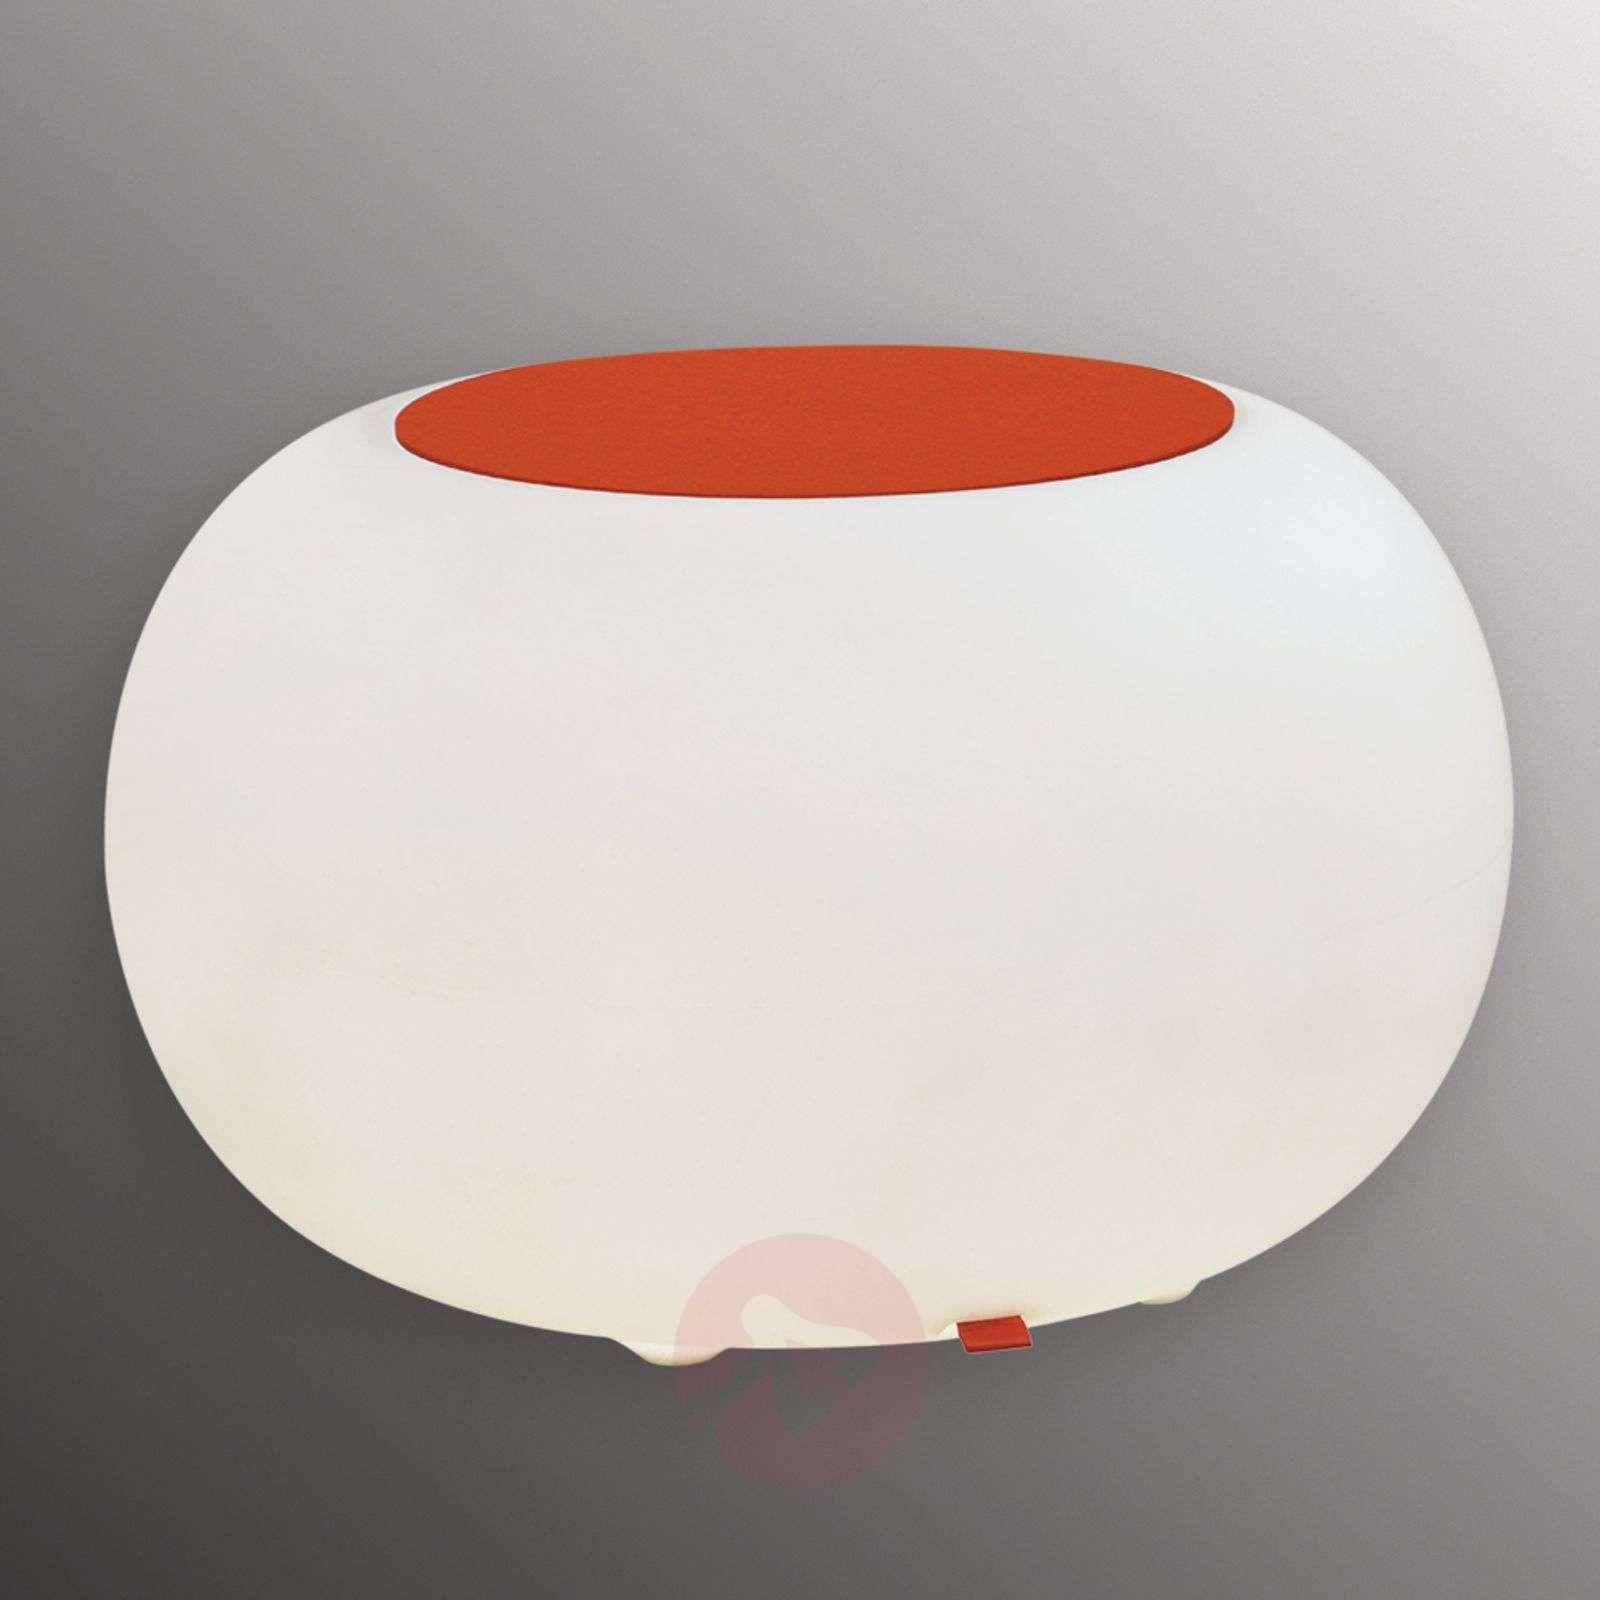 Pöytä Bubble Indoor LED valkoinen + huopa oranssi-6537053-01